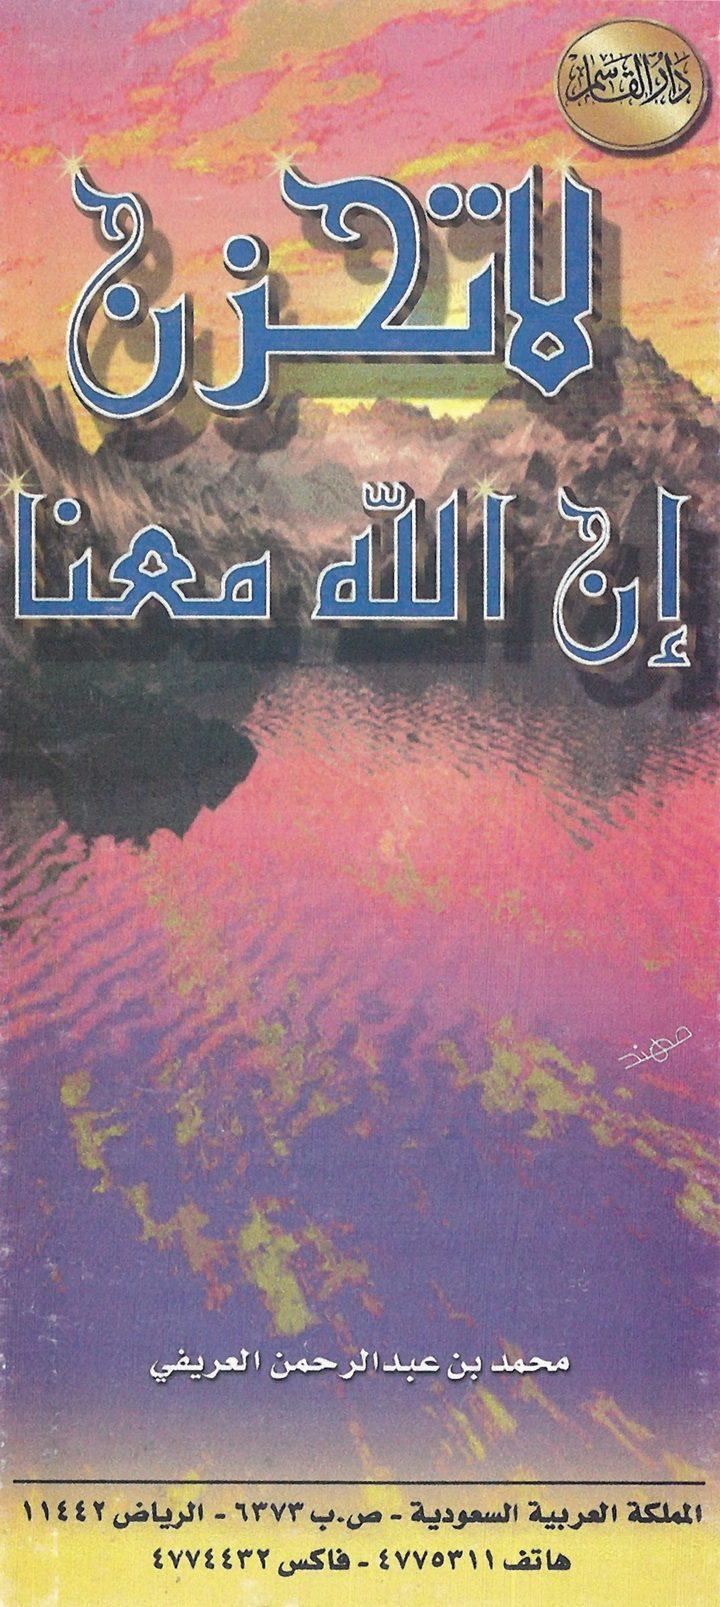 لا تحزن إن الله معنا (محمد بن عبد الرحمن العريفي – دار القاسم)